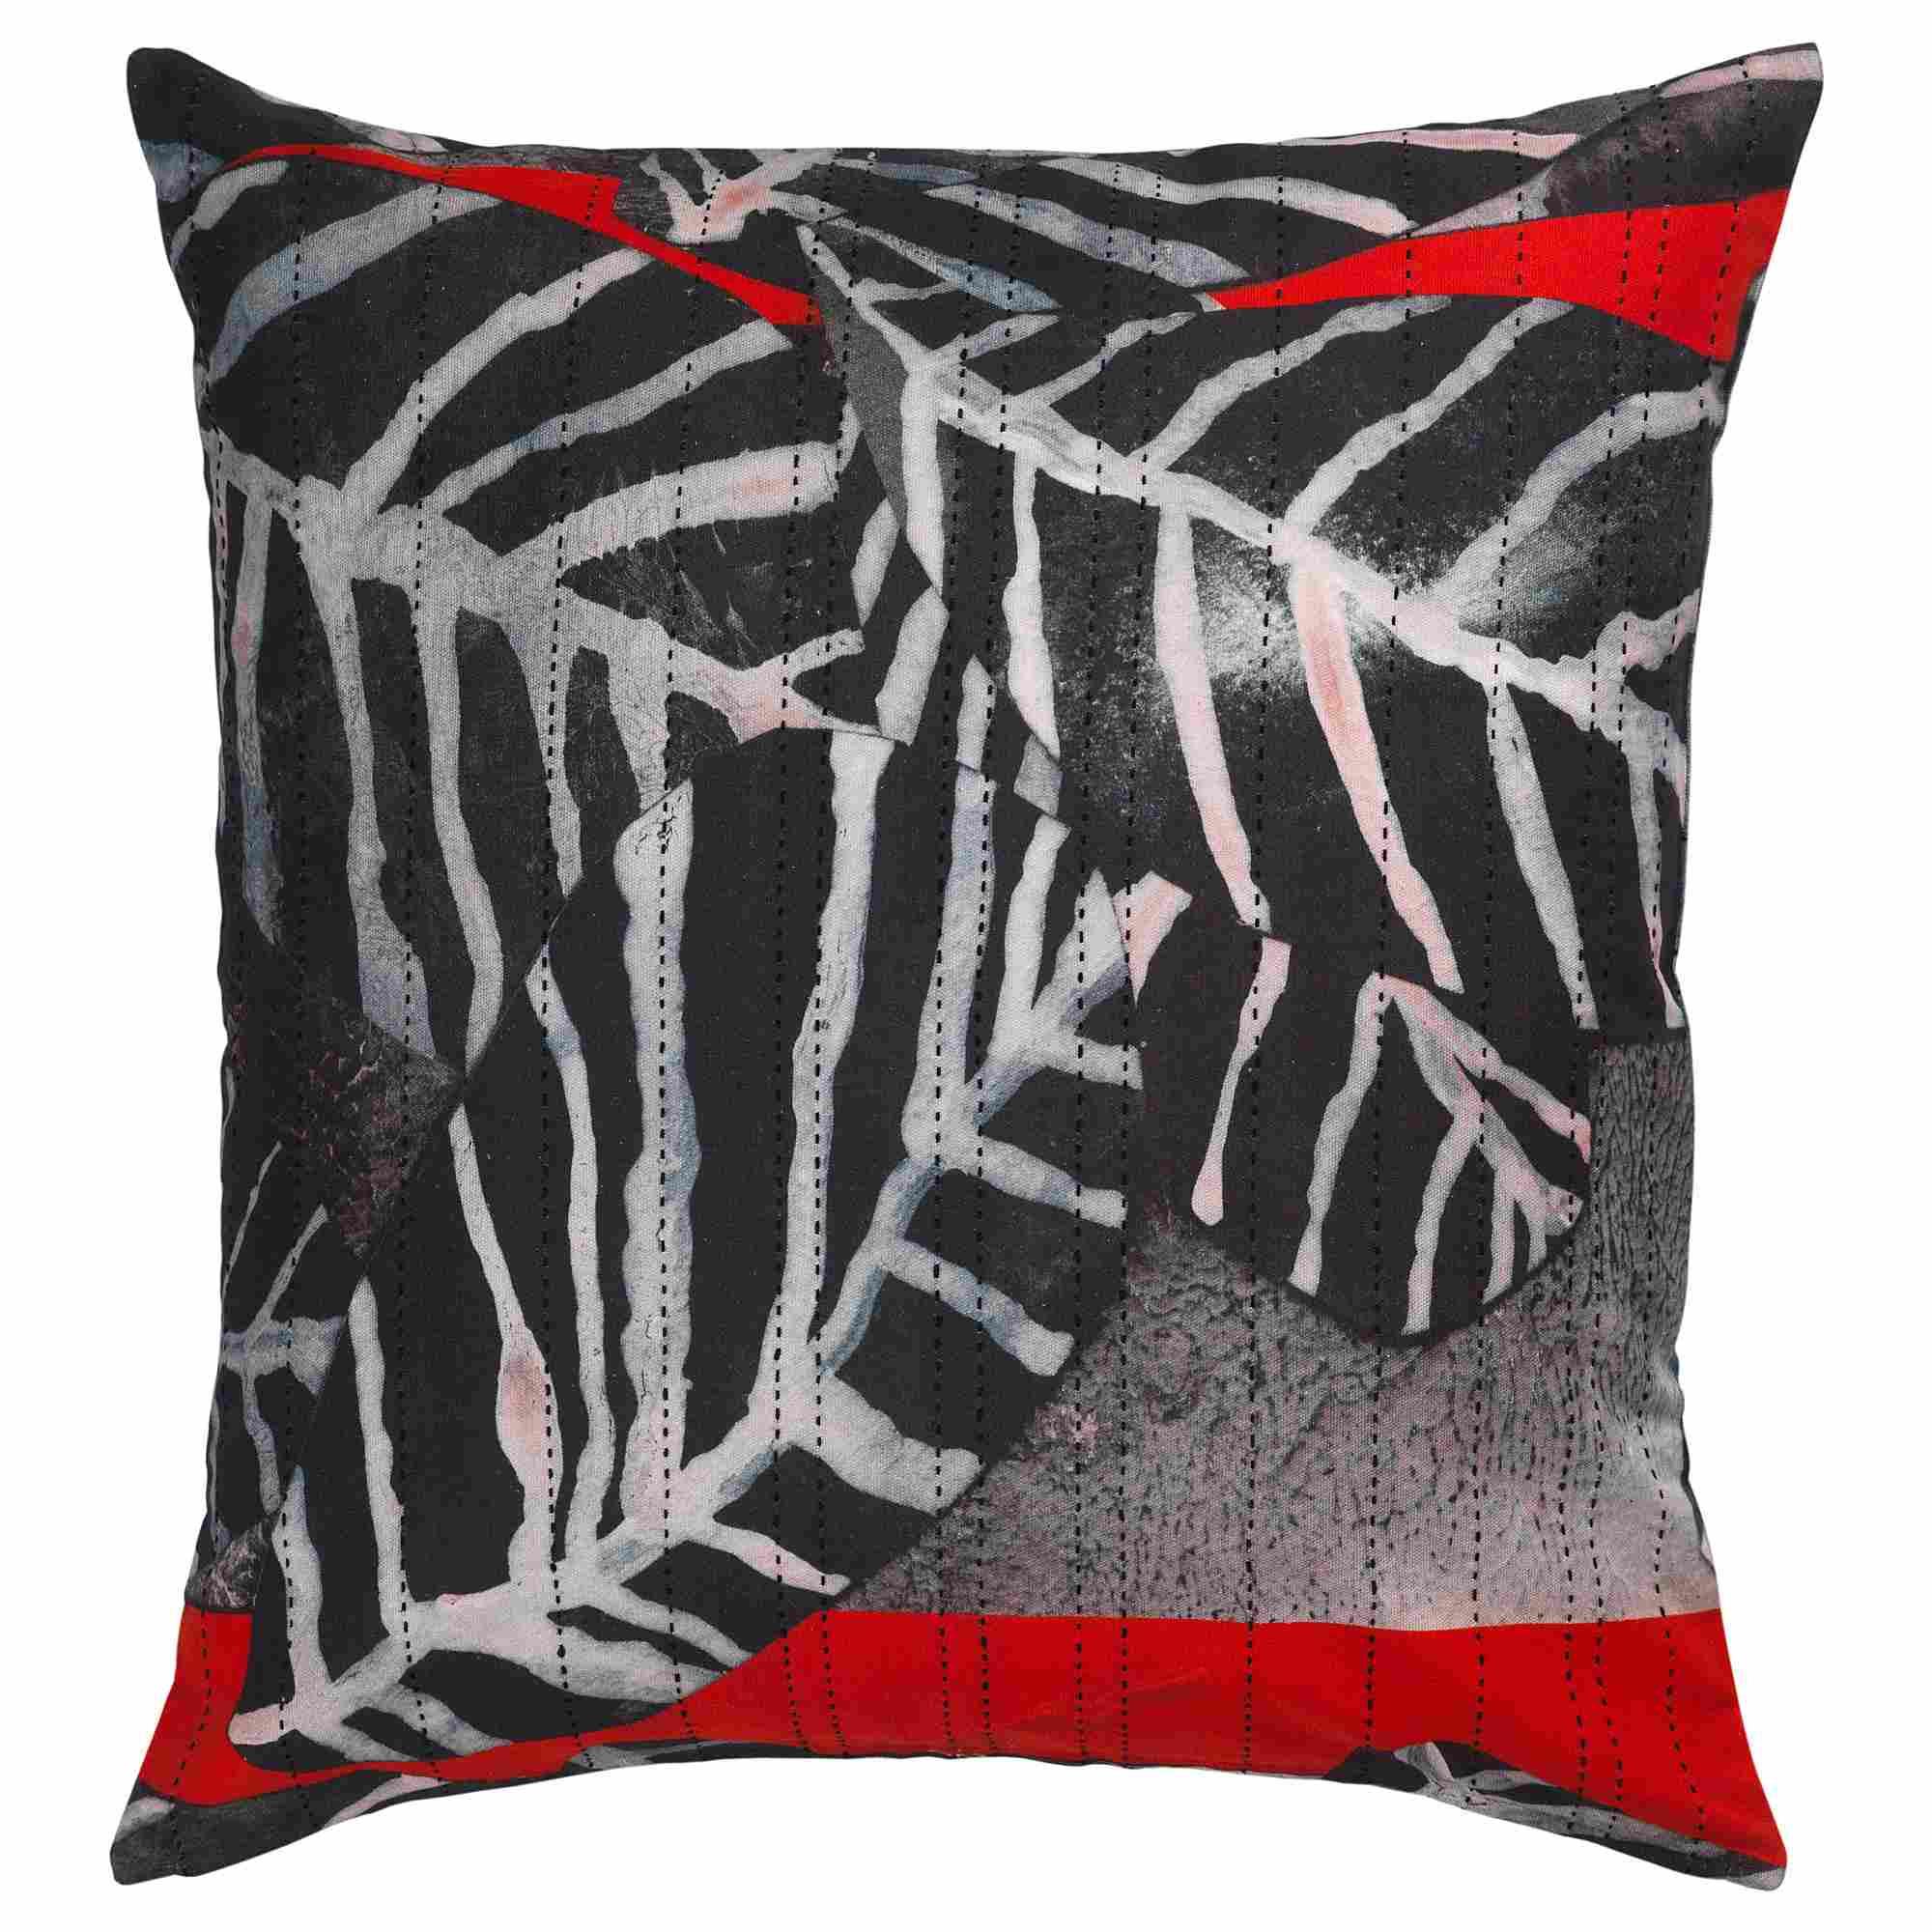 ANNANSTANS Cushion Cover